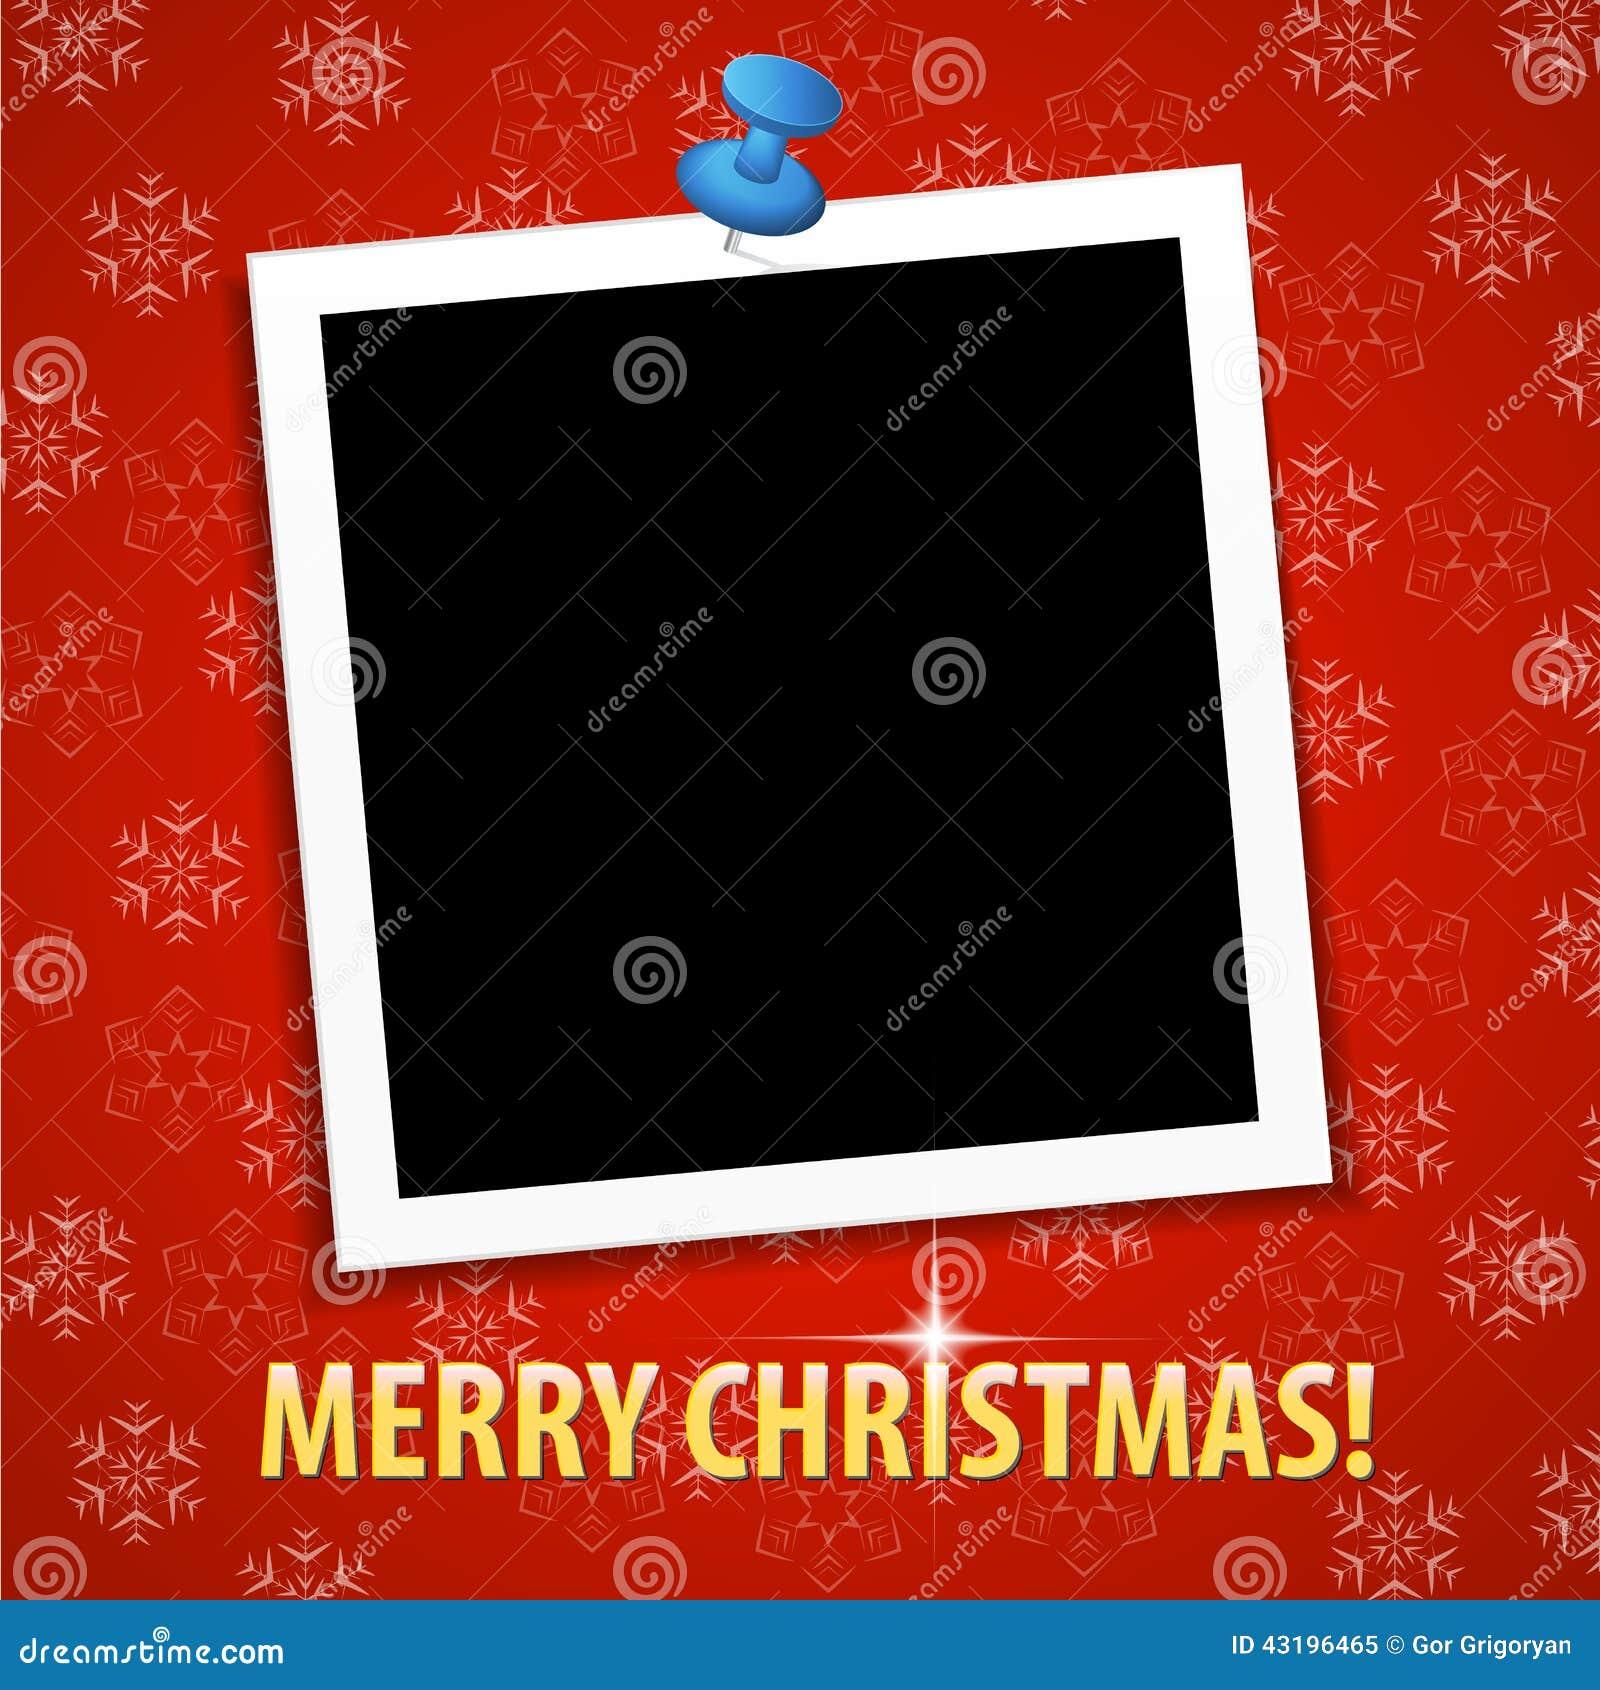 Fotorahmen Weihnachten.Grußkarte Der Frohen Weihnachten Mit Leerem Fotorahmen Vektor